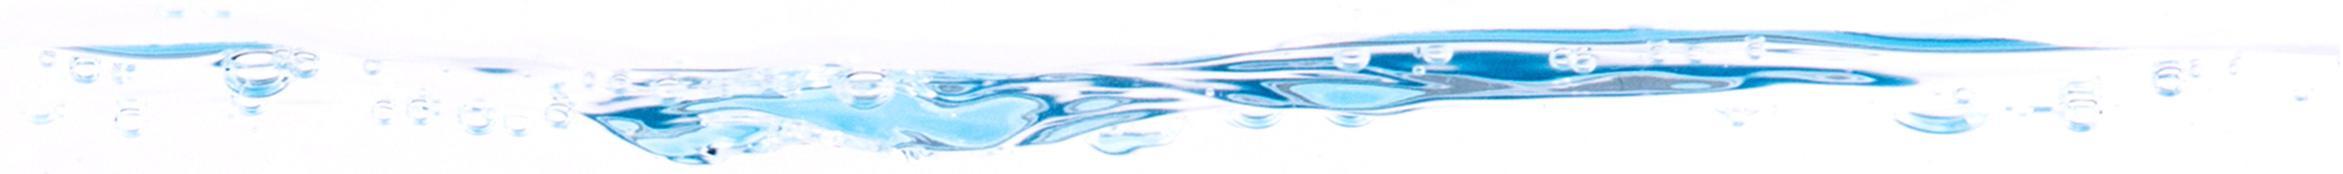 Un'altra foto con l'acqua